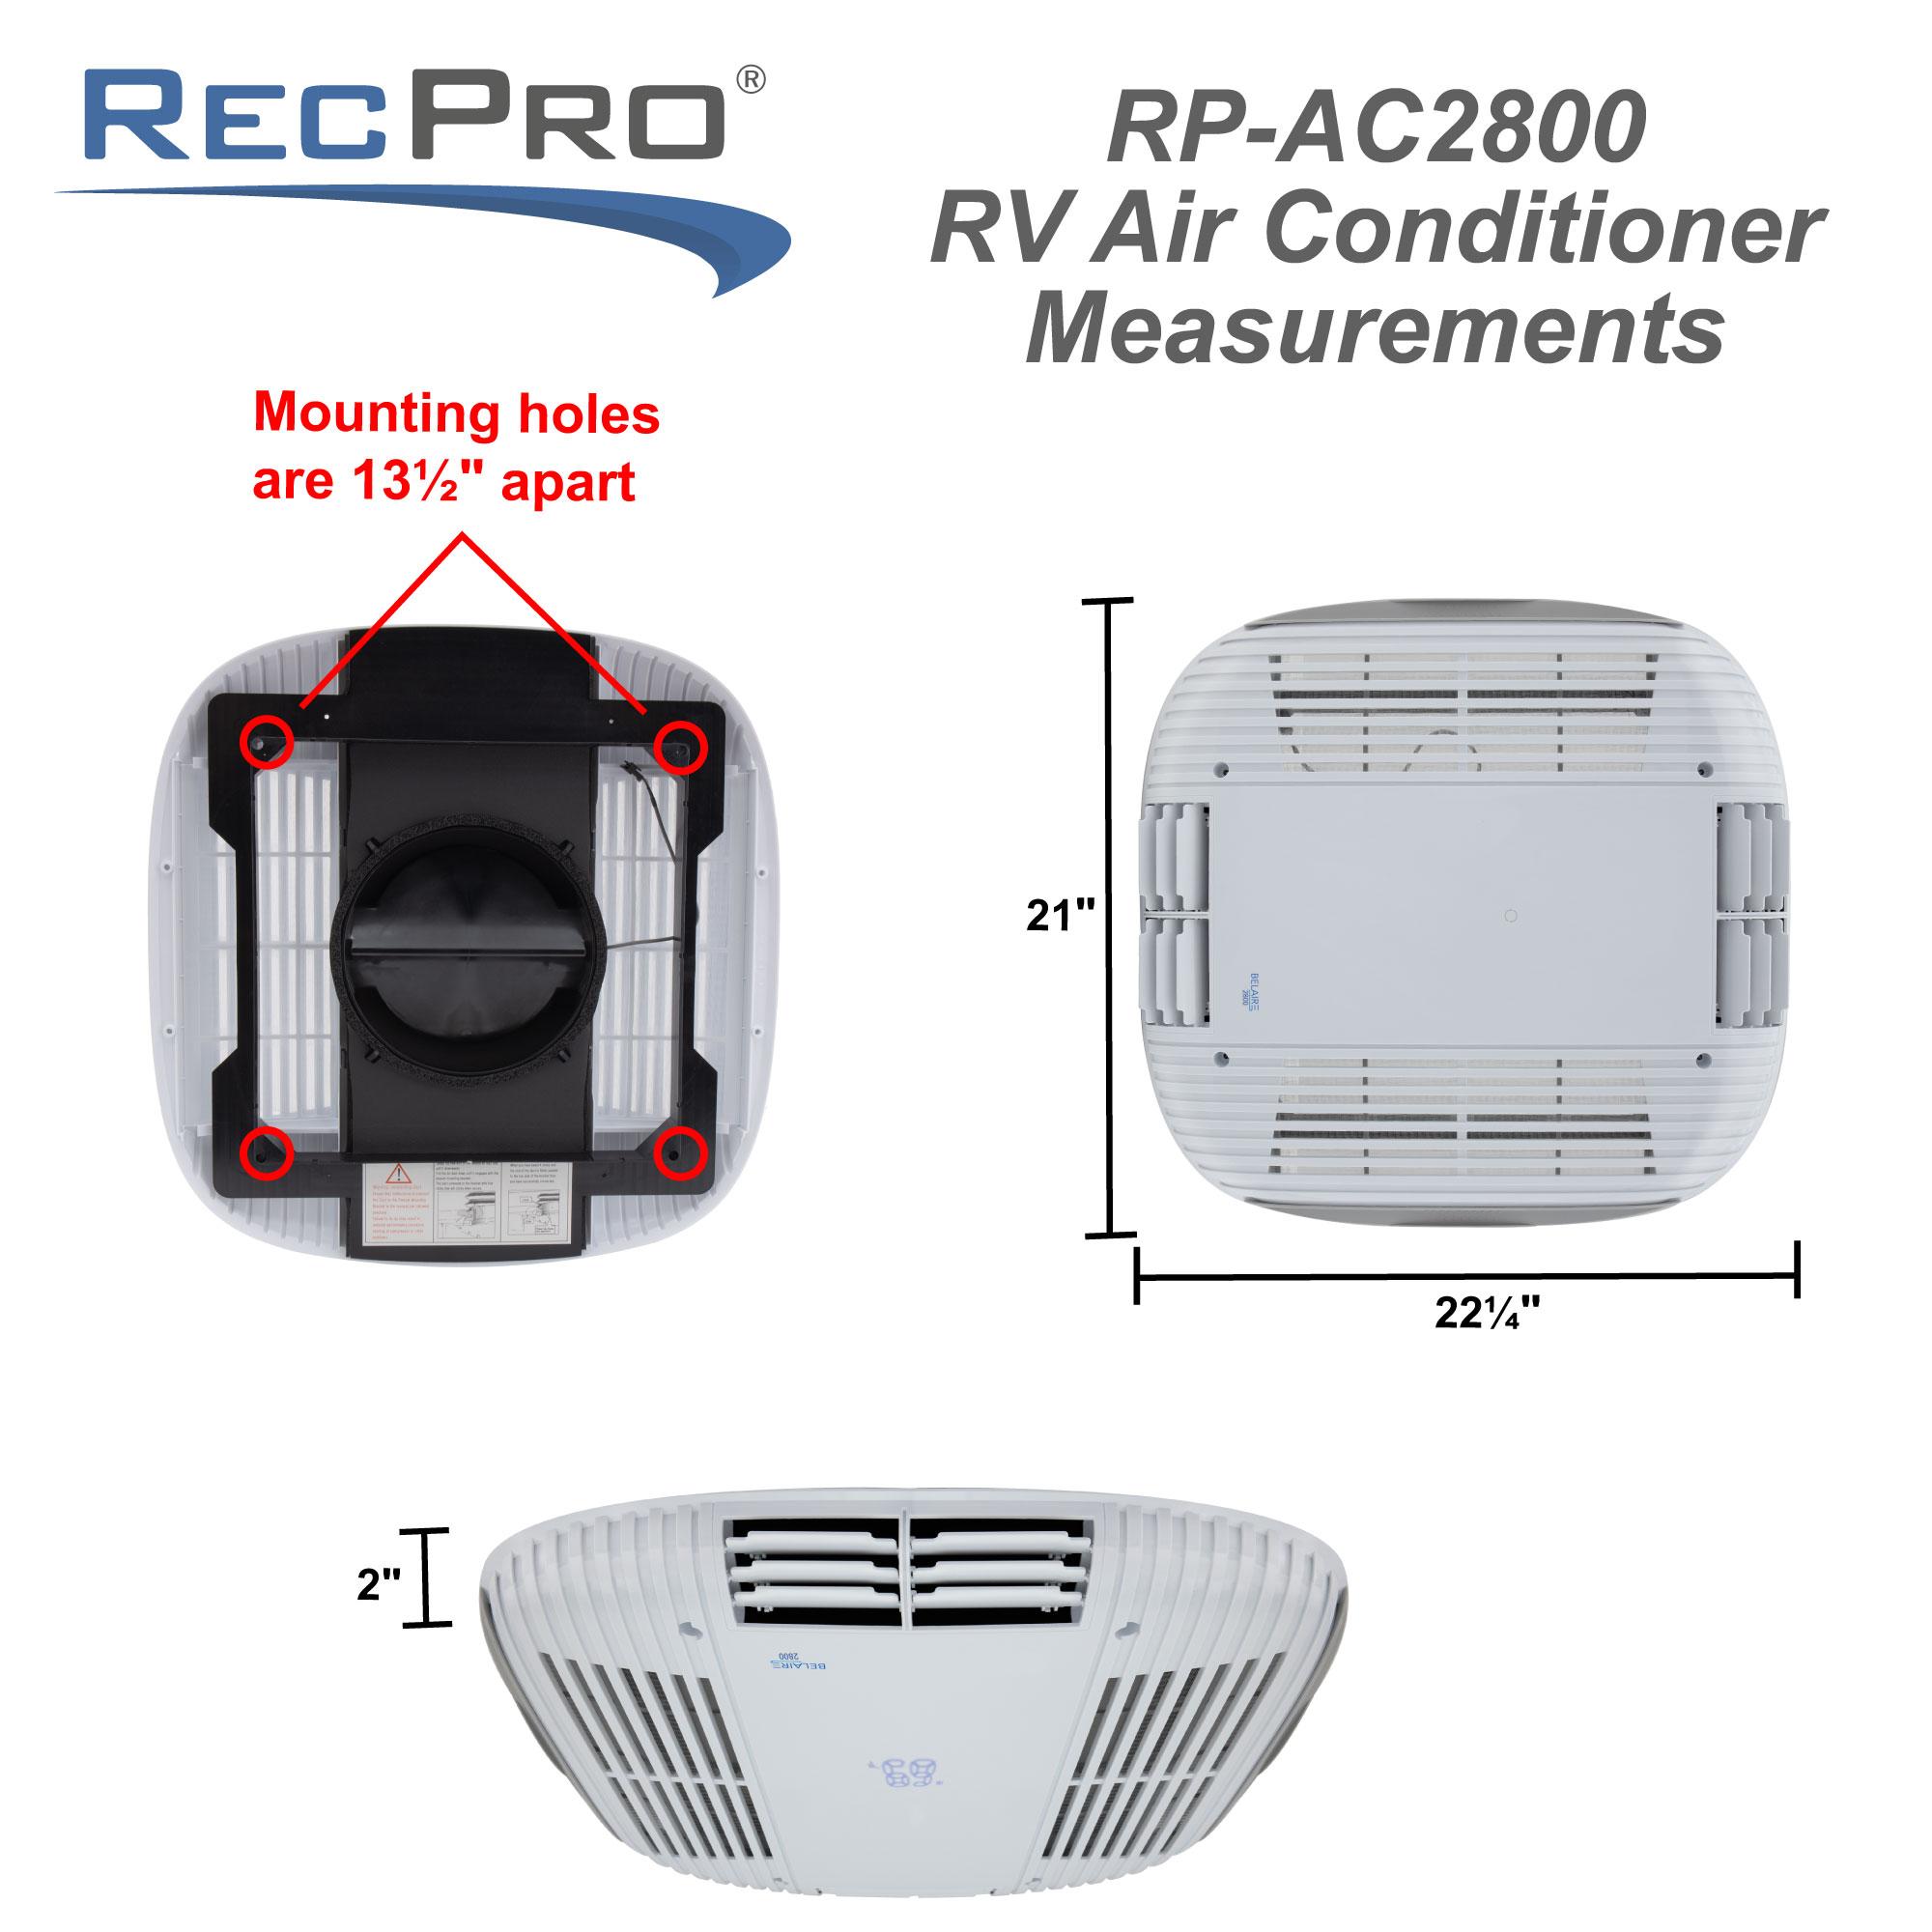 rp-ac-2800-air-conditioner-interior-measurements.jpg